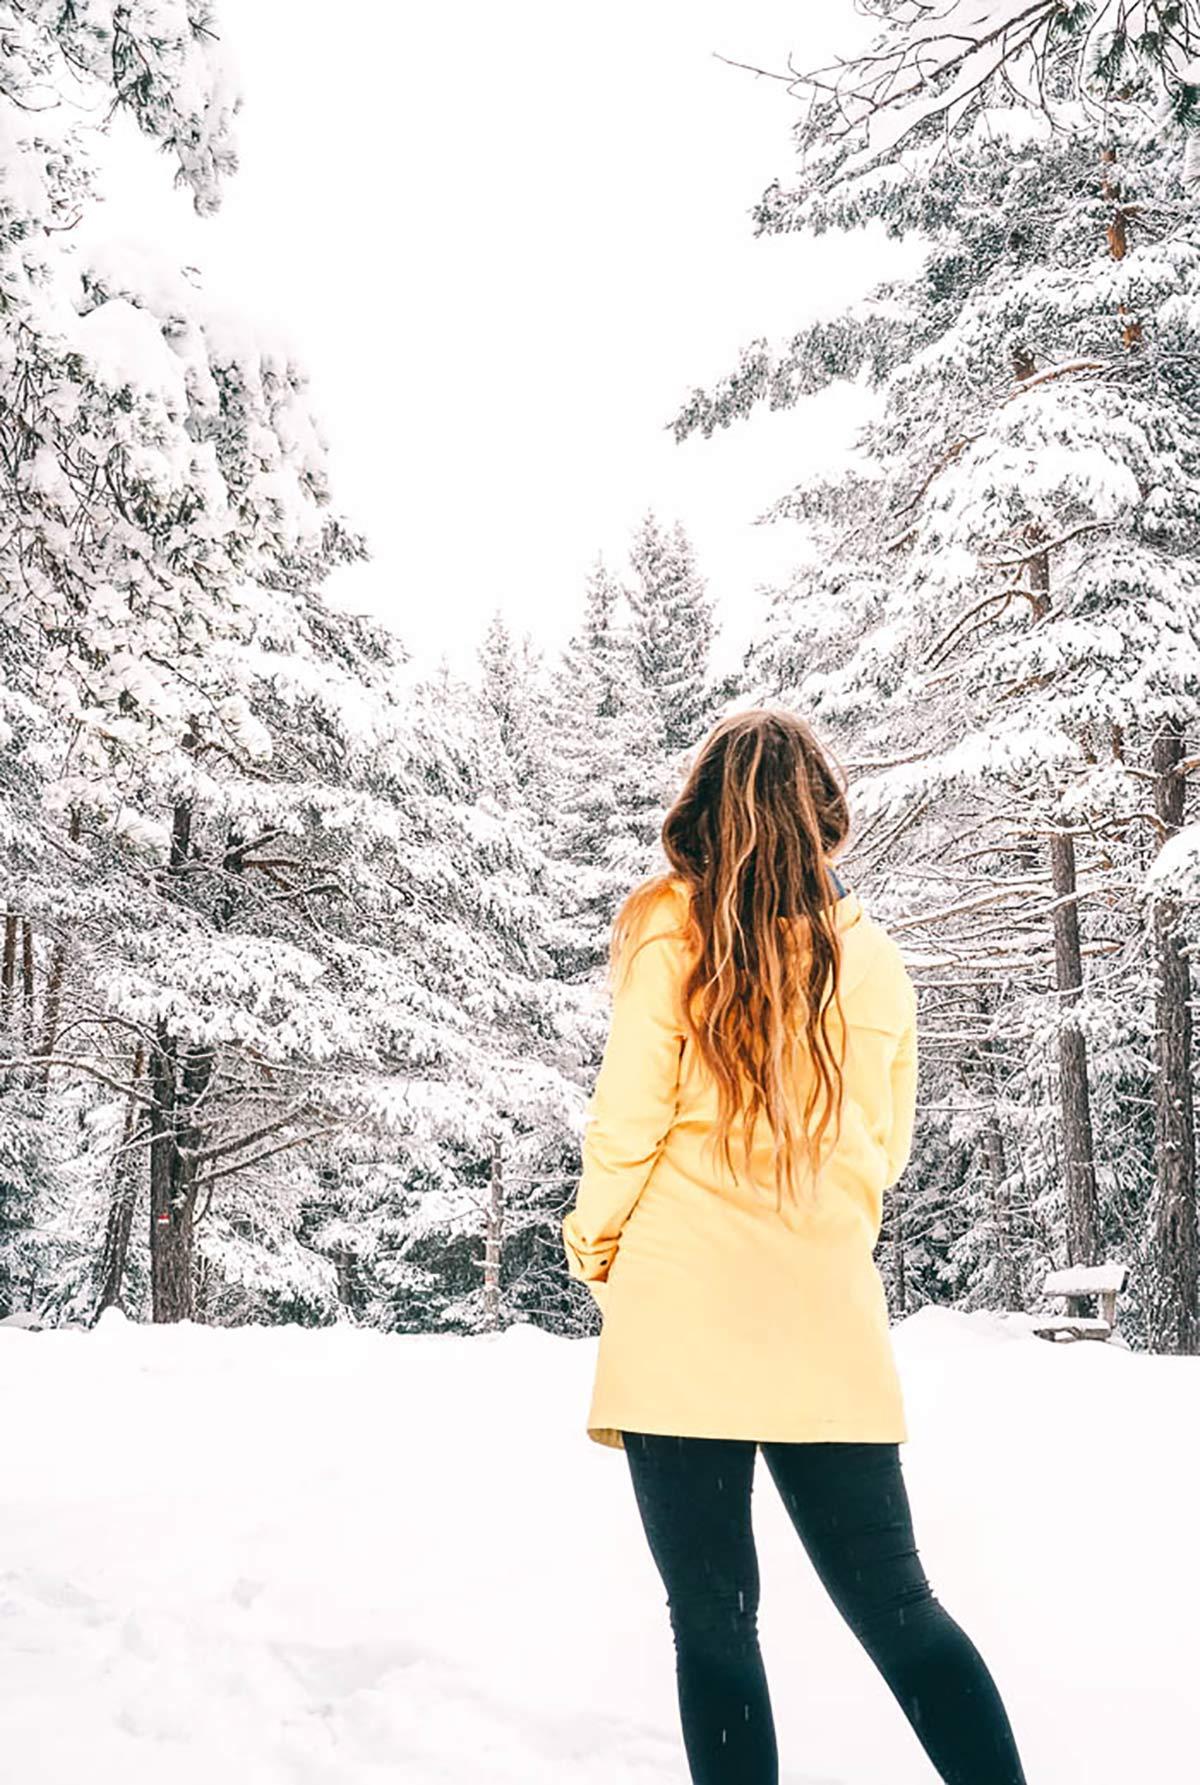 Winter Frau gelbe Jacke